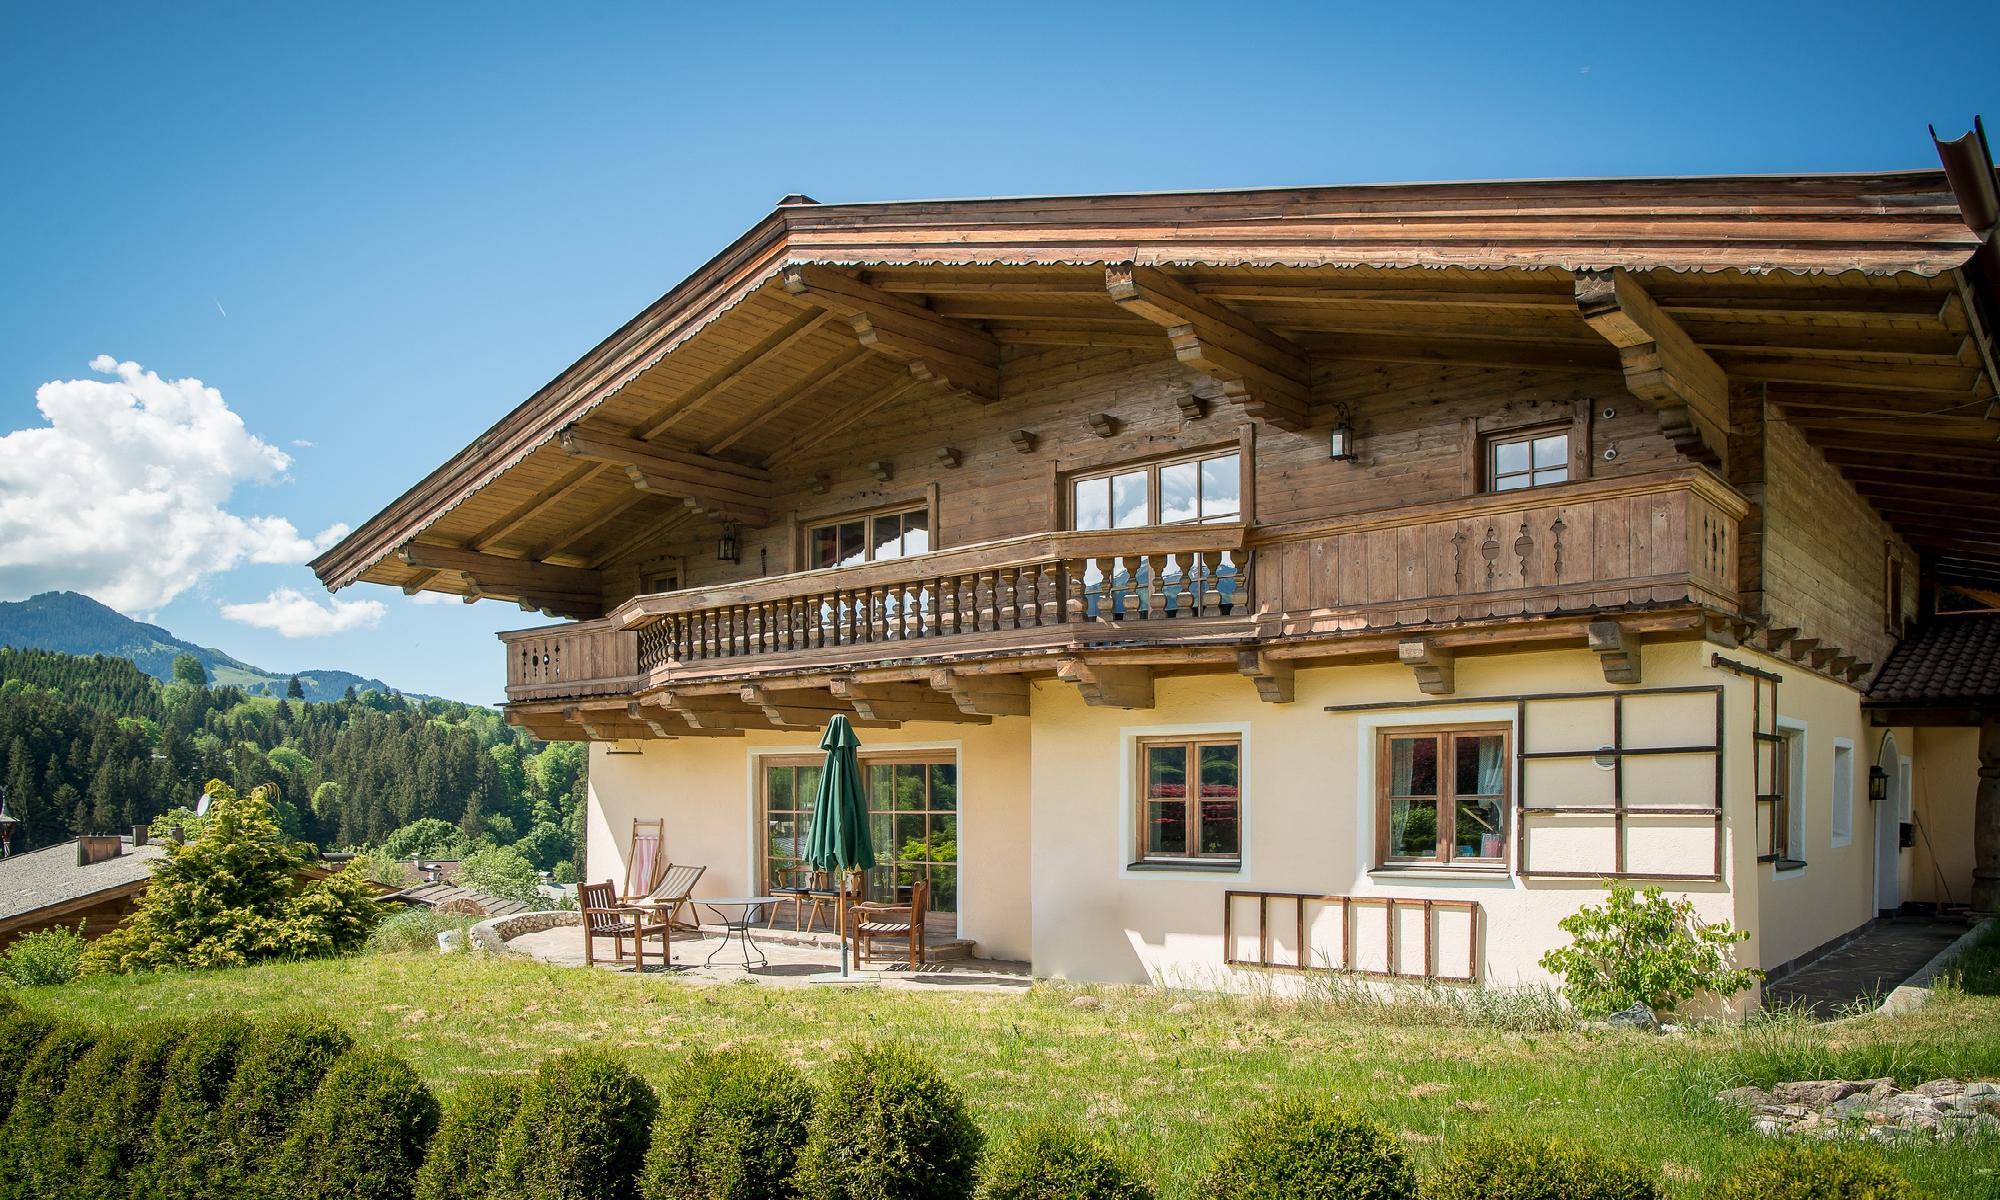 проекты домов австрия фото мастеров индустрии красоты